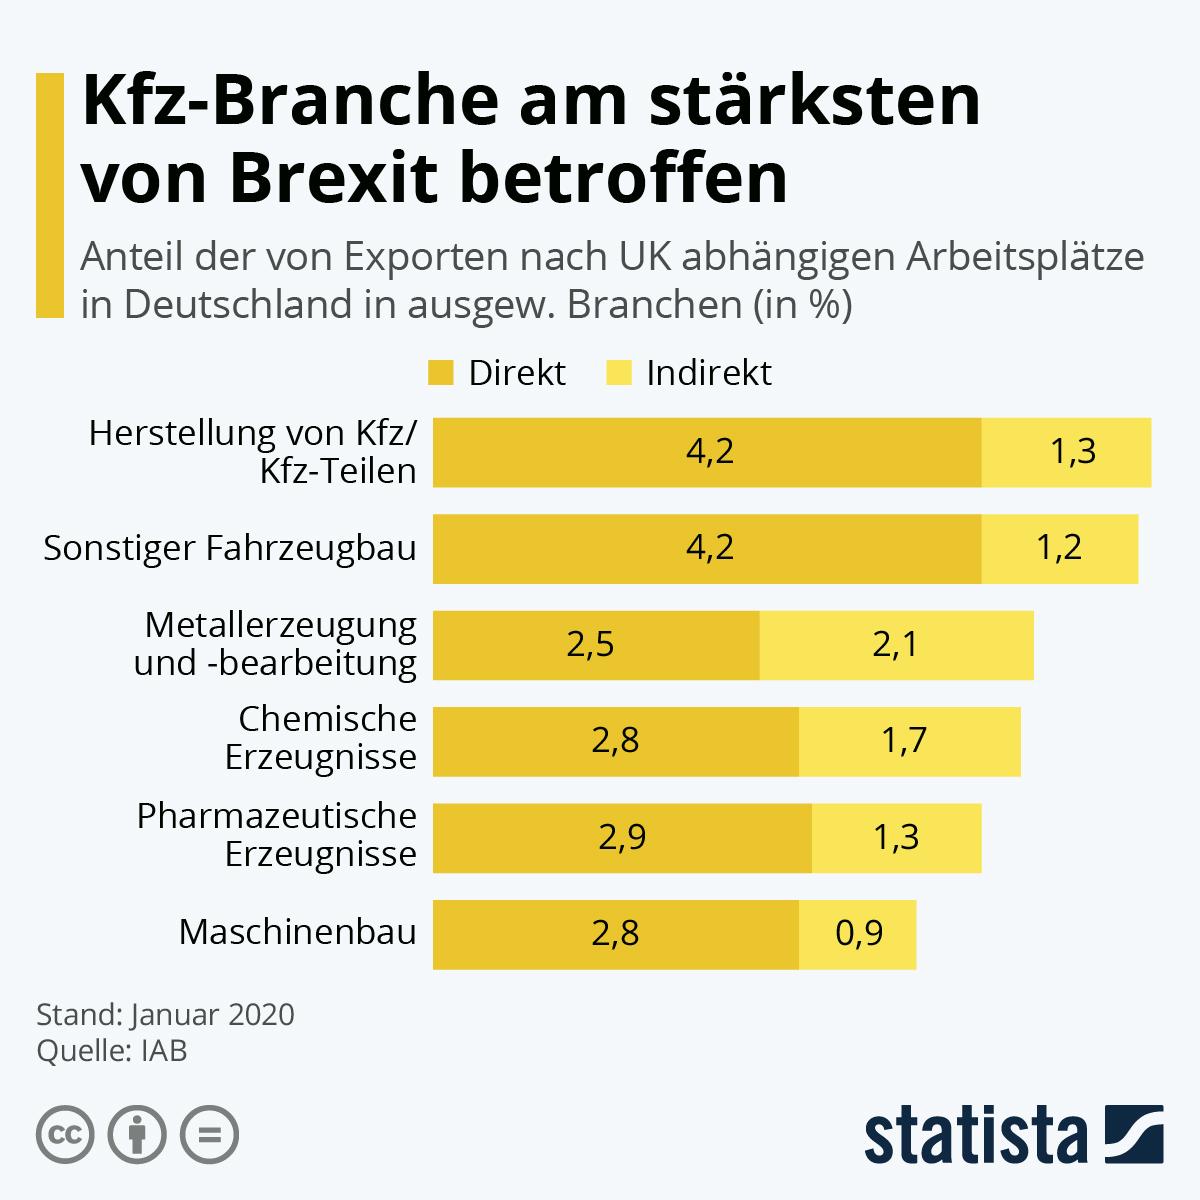 Infografik: Kfz-Branche am stärksten von Brexit betroffen | Statista